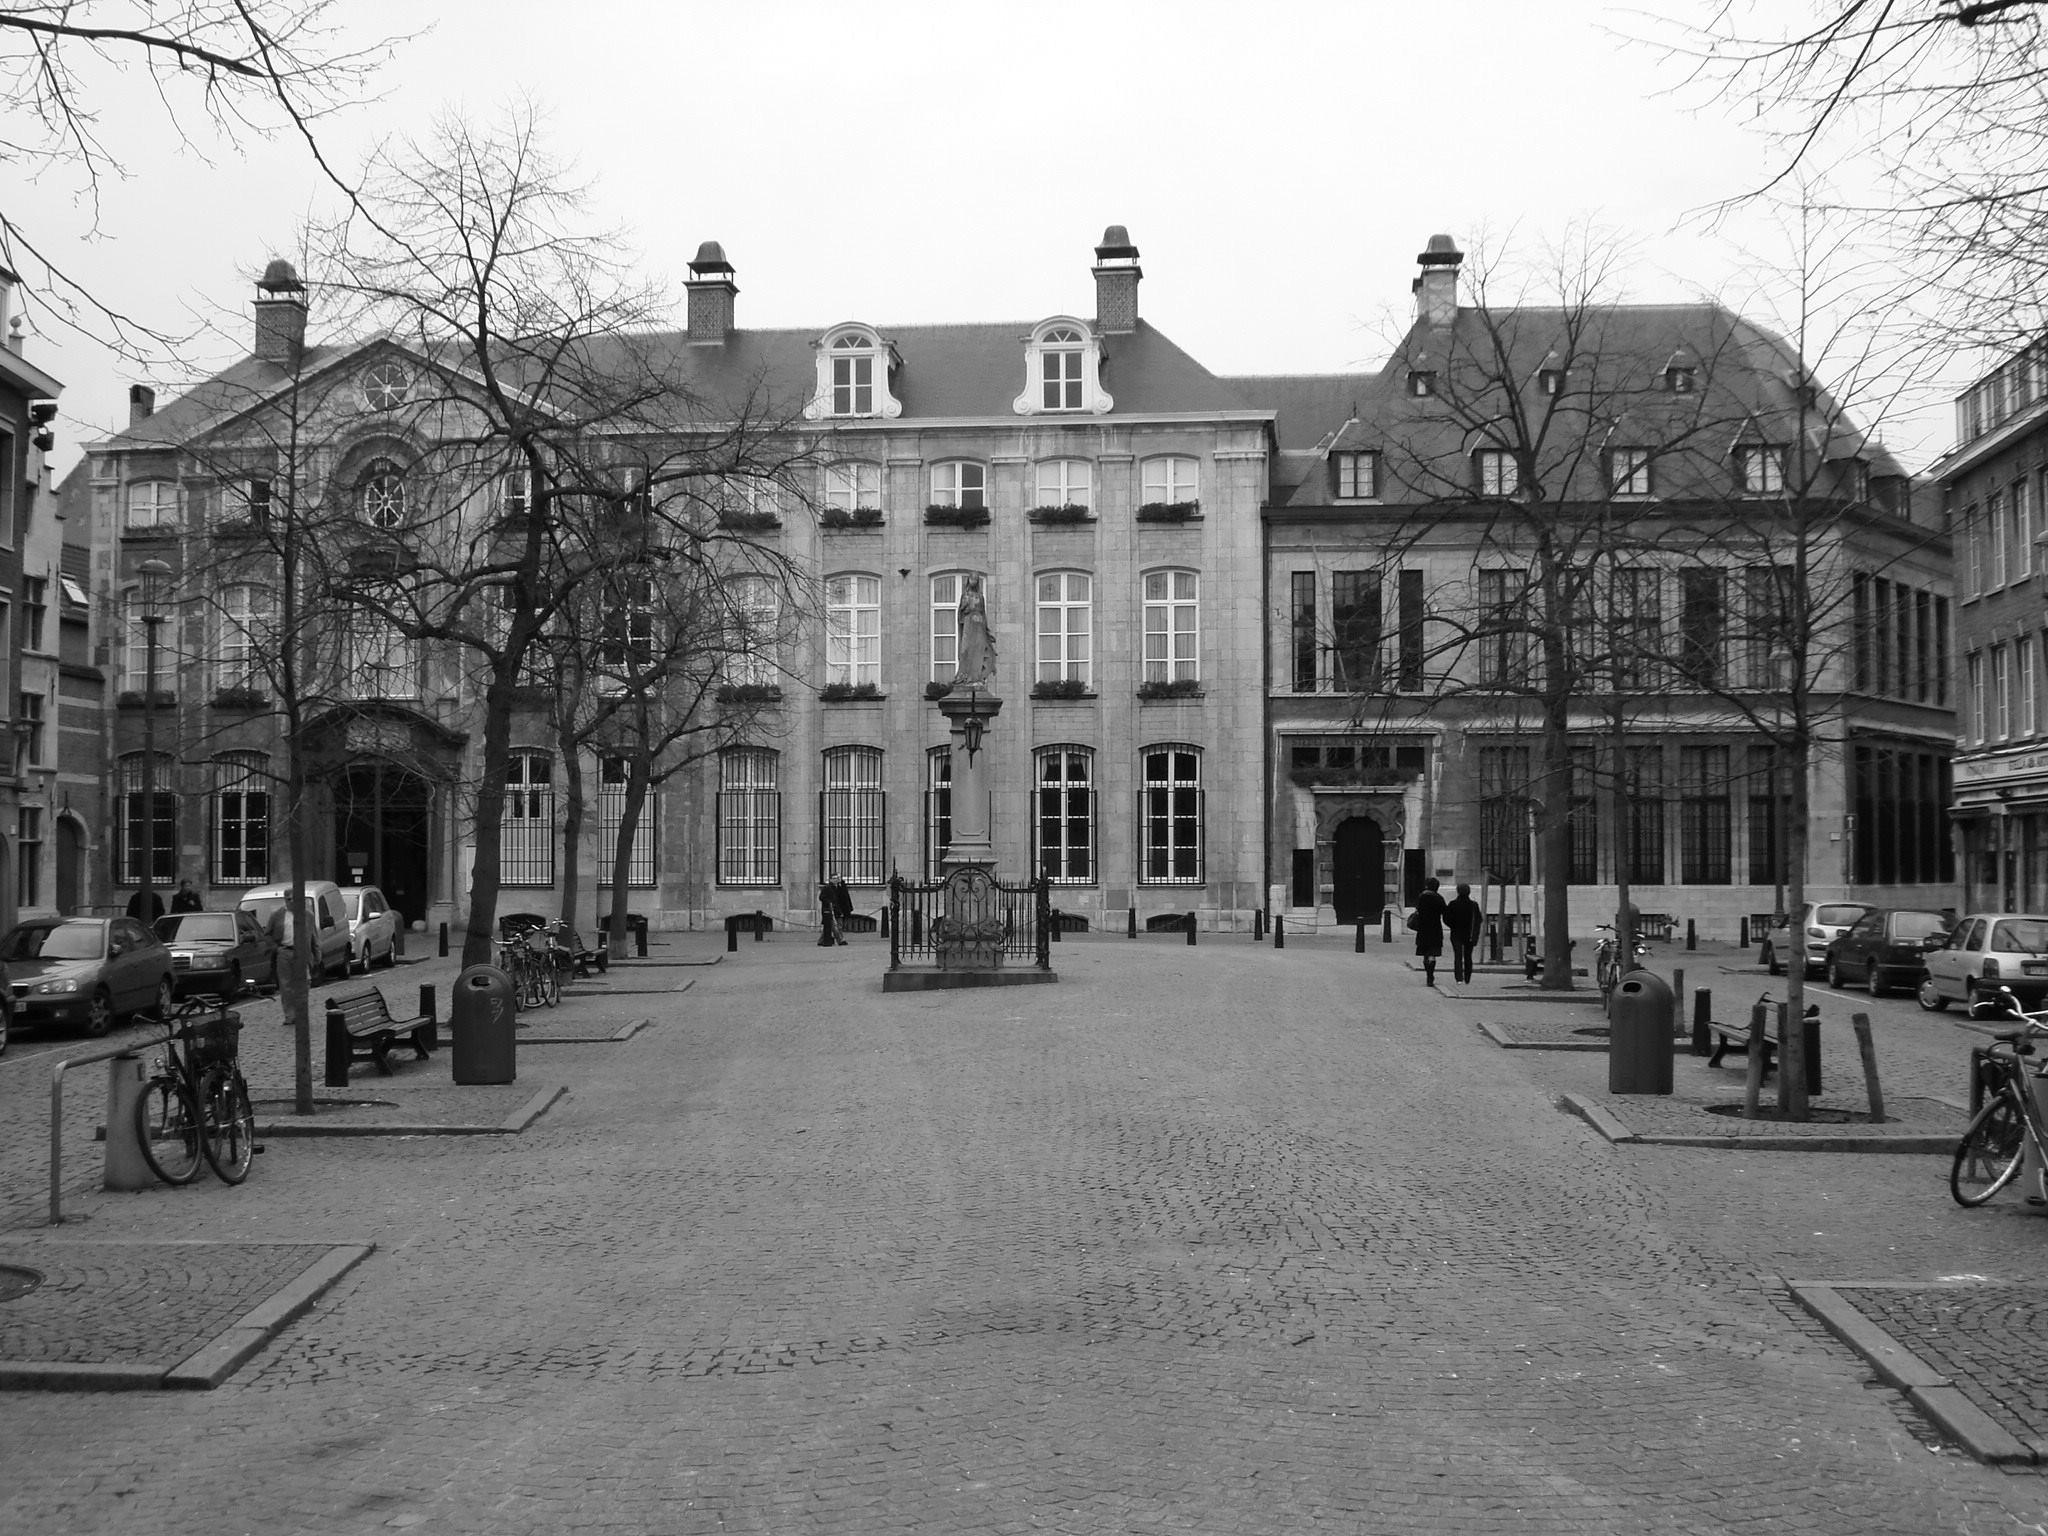 Antwerp, Belgium Vrijdagmarkt (the friday market square) by Rosario Di Rubbo